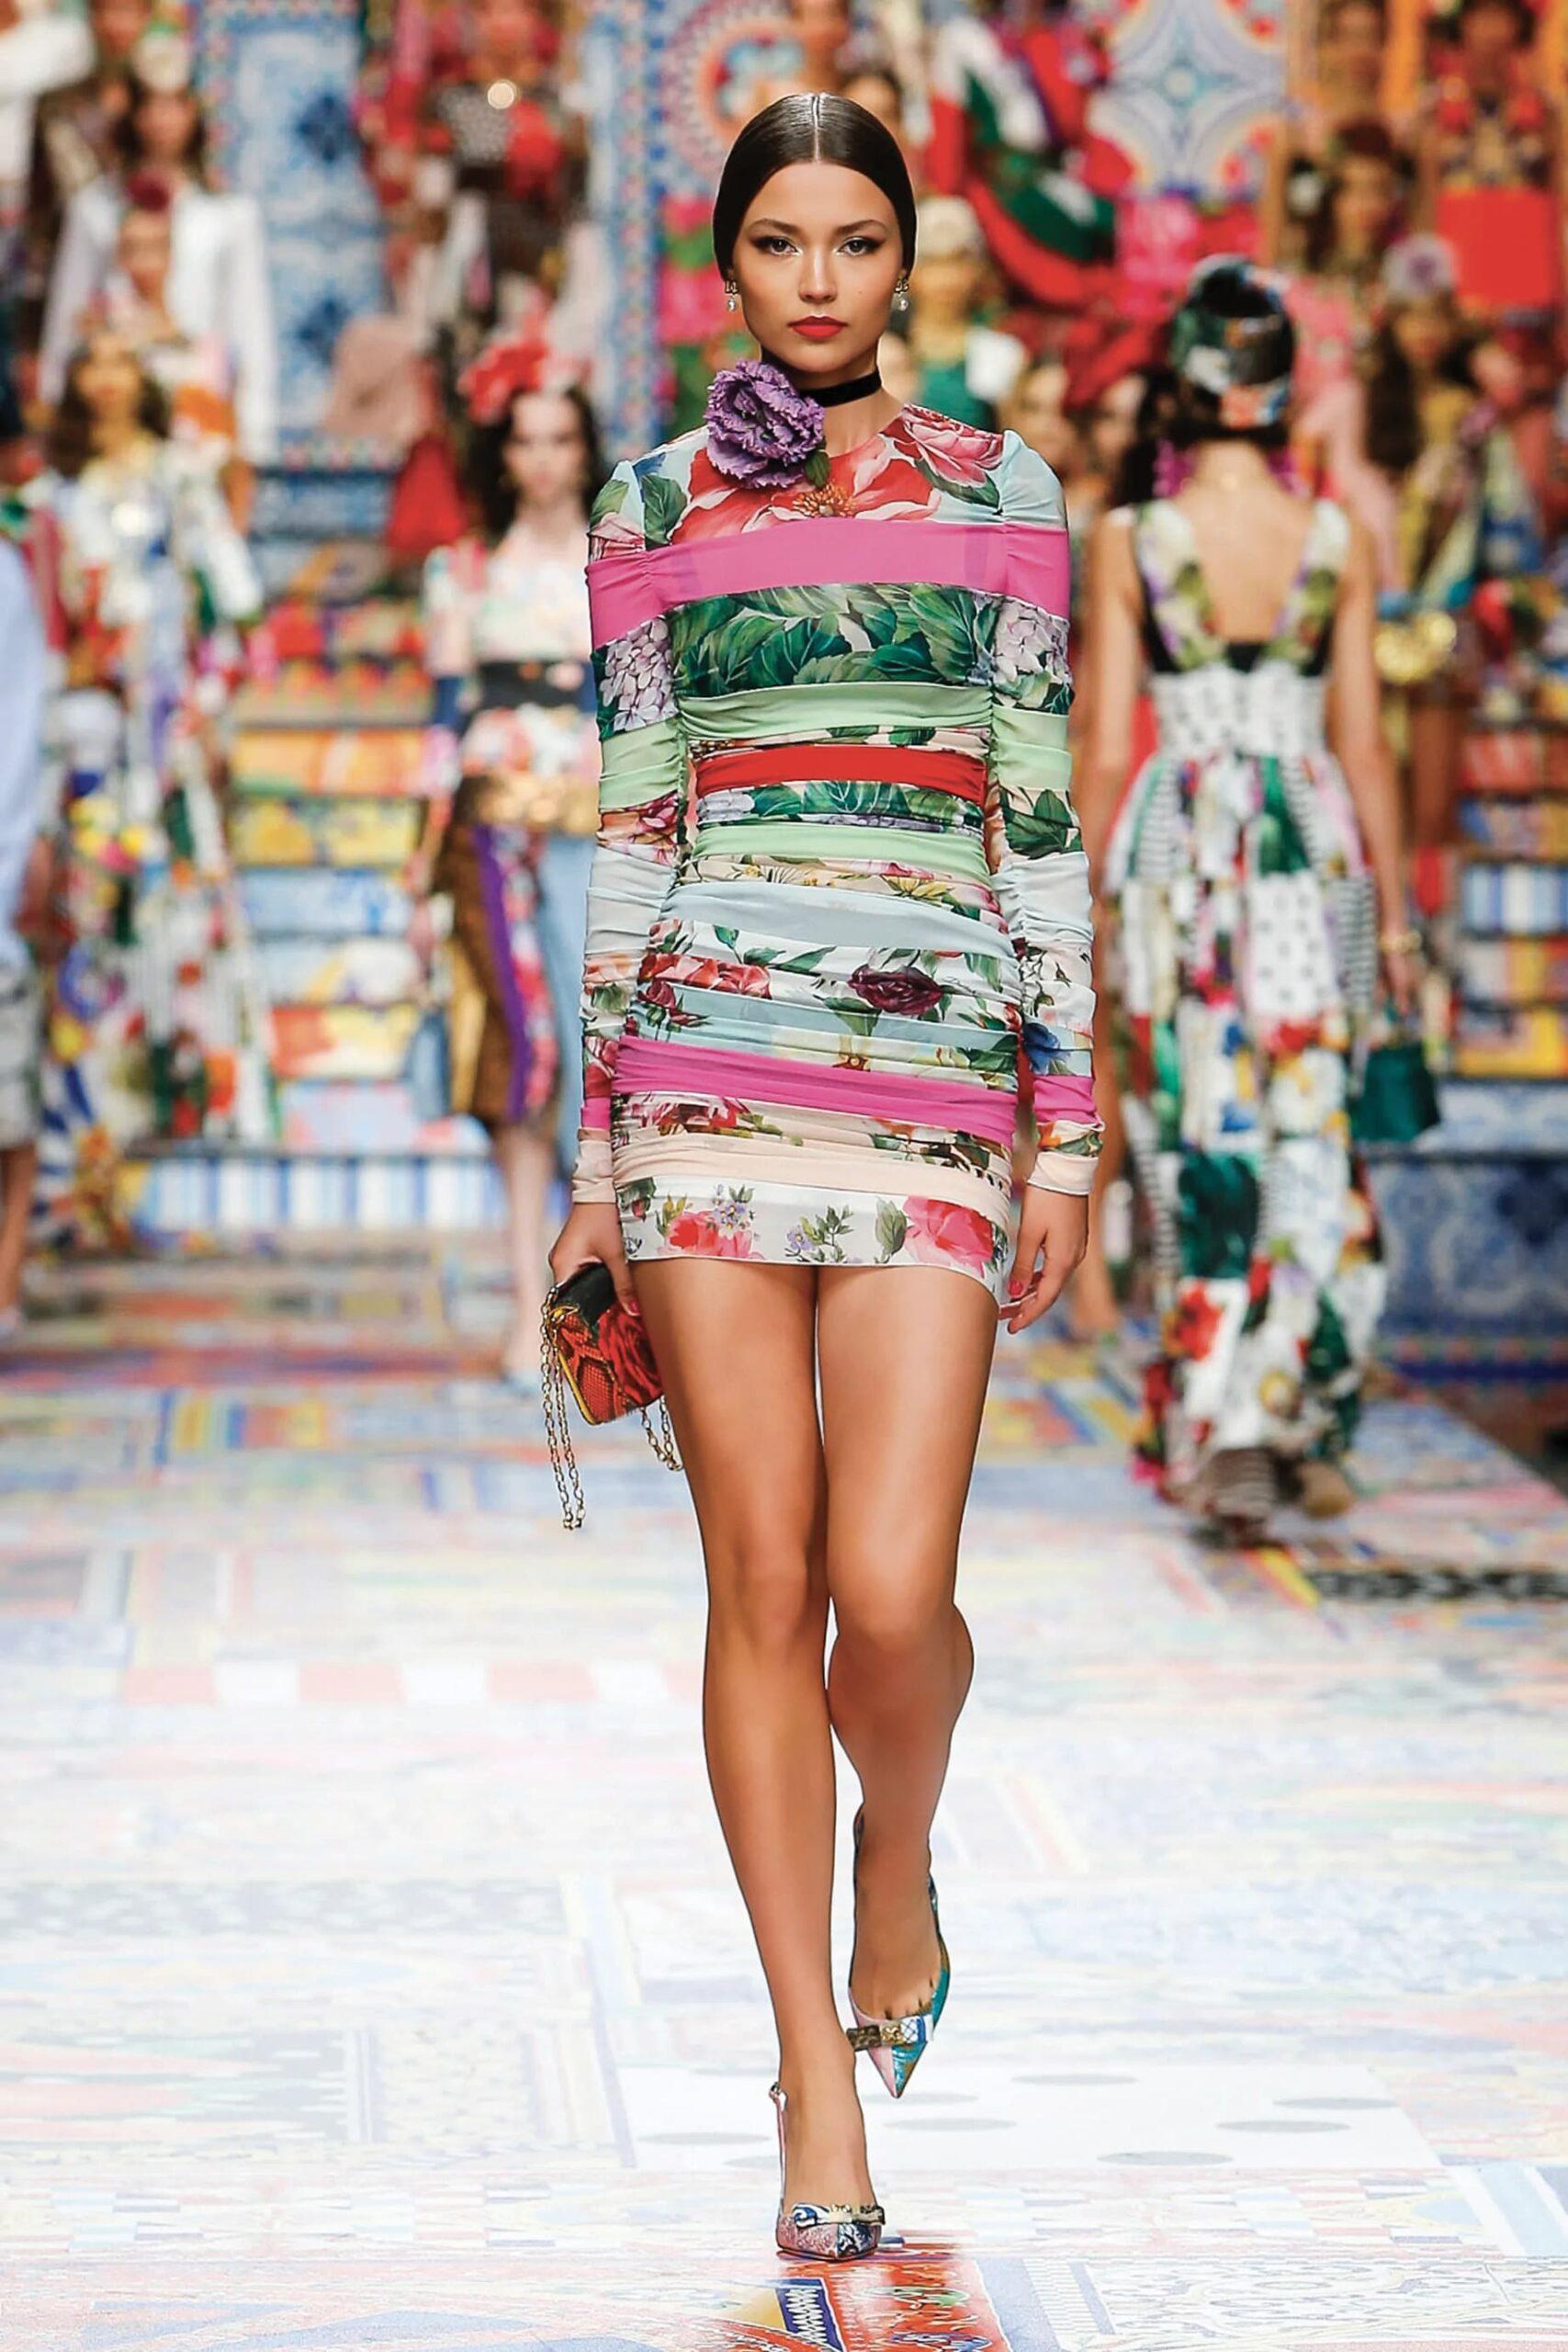 Le tendenze moda primavera 2021 viste sulle passerelle di Alta Moda